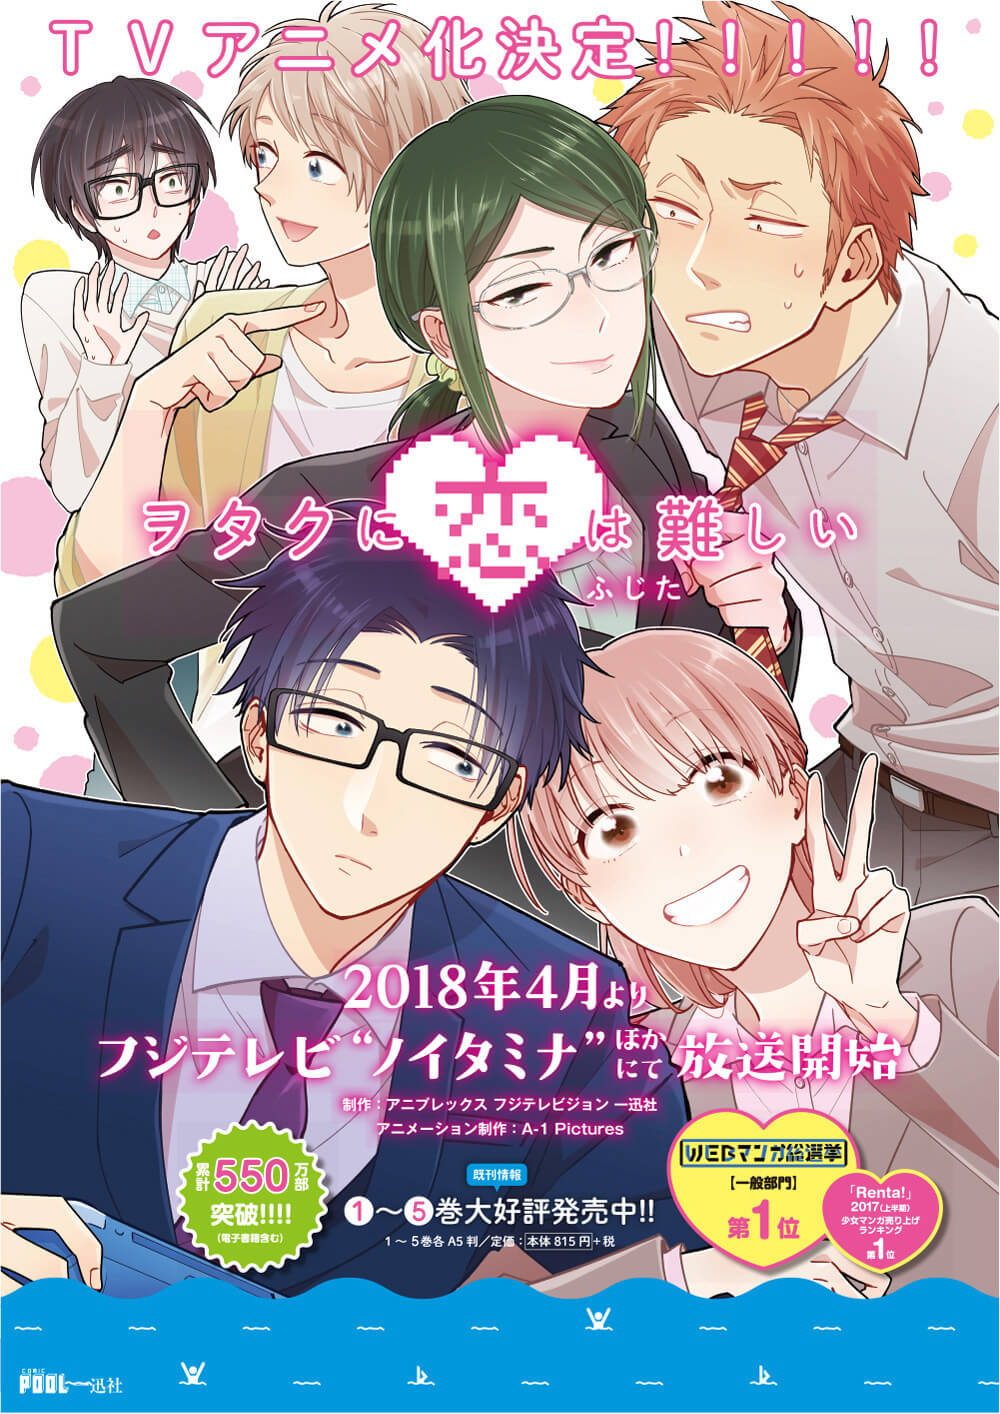 ヲタクに恋は難しい アニメ 2期